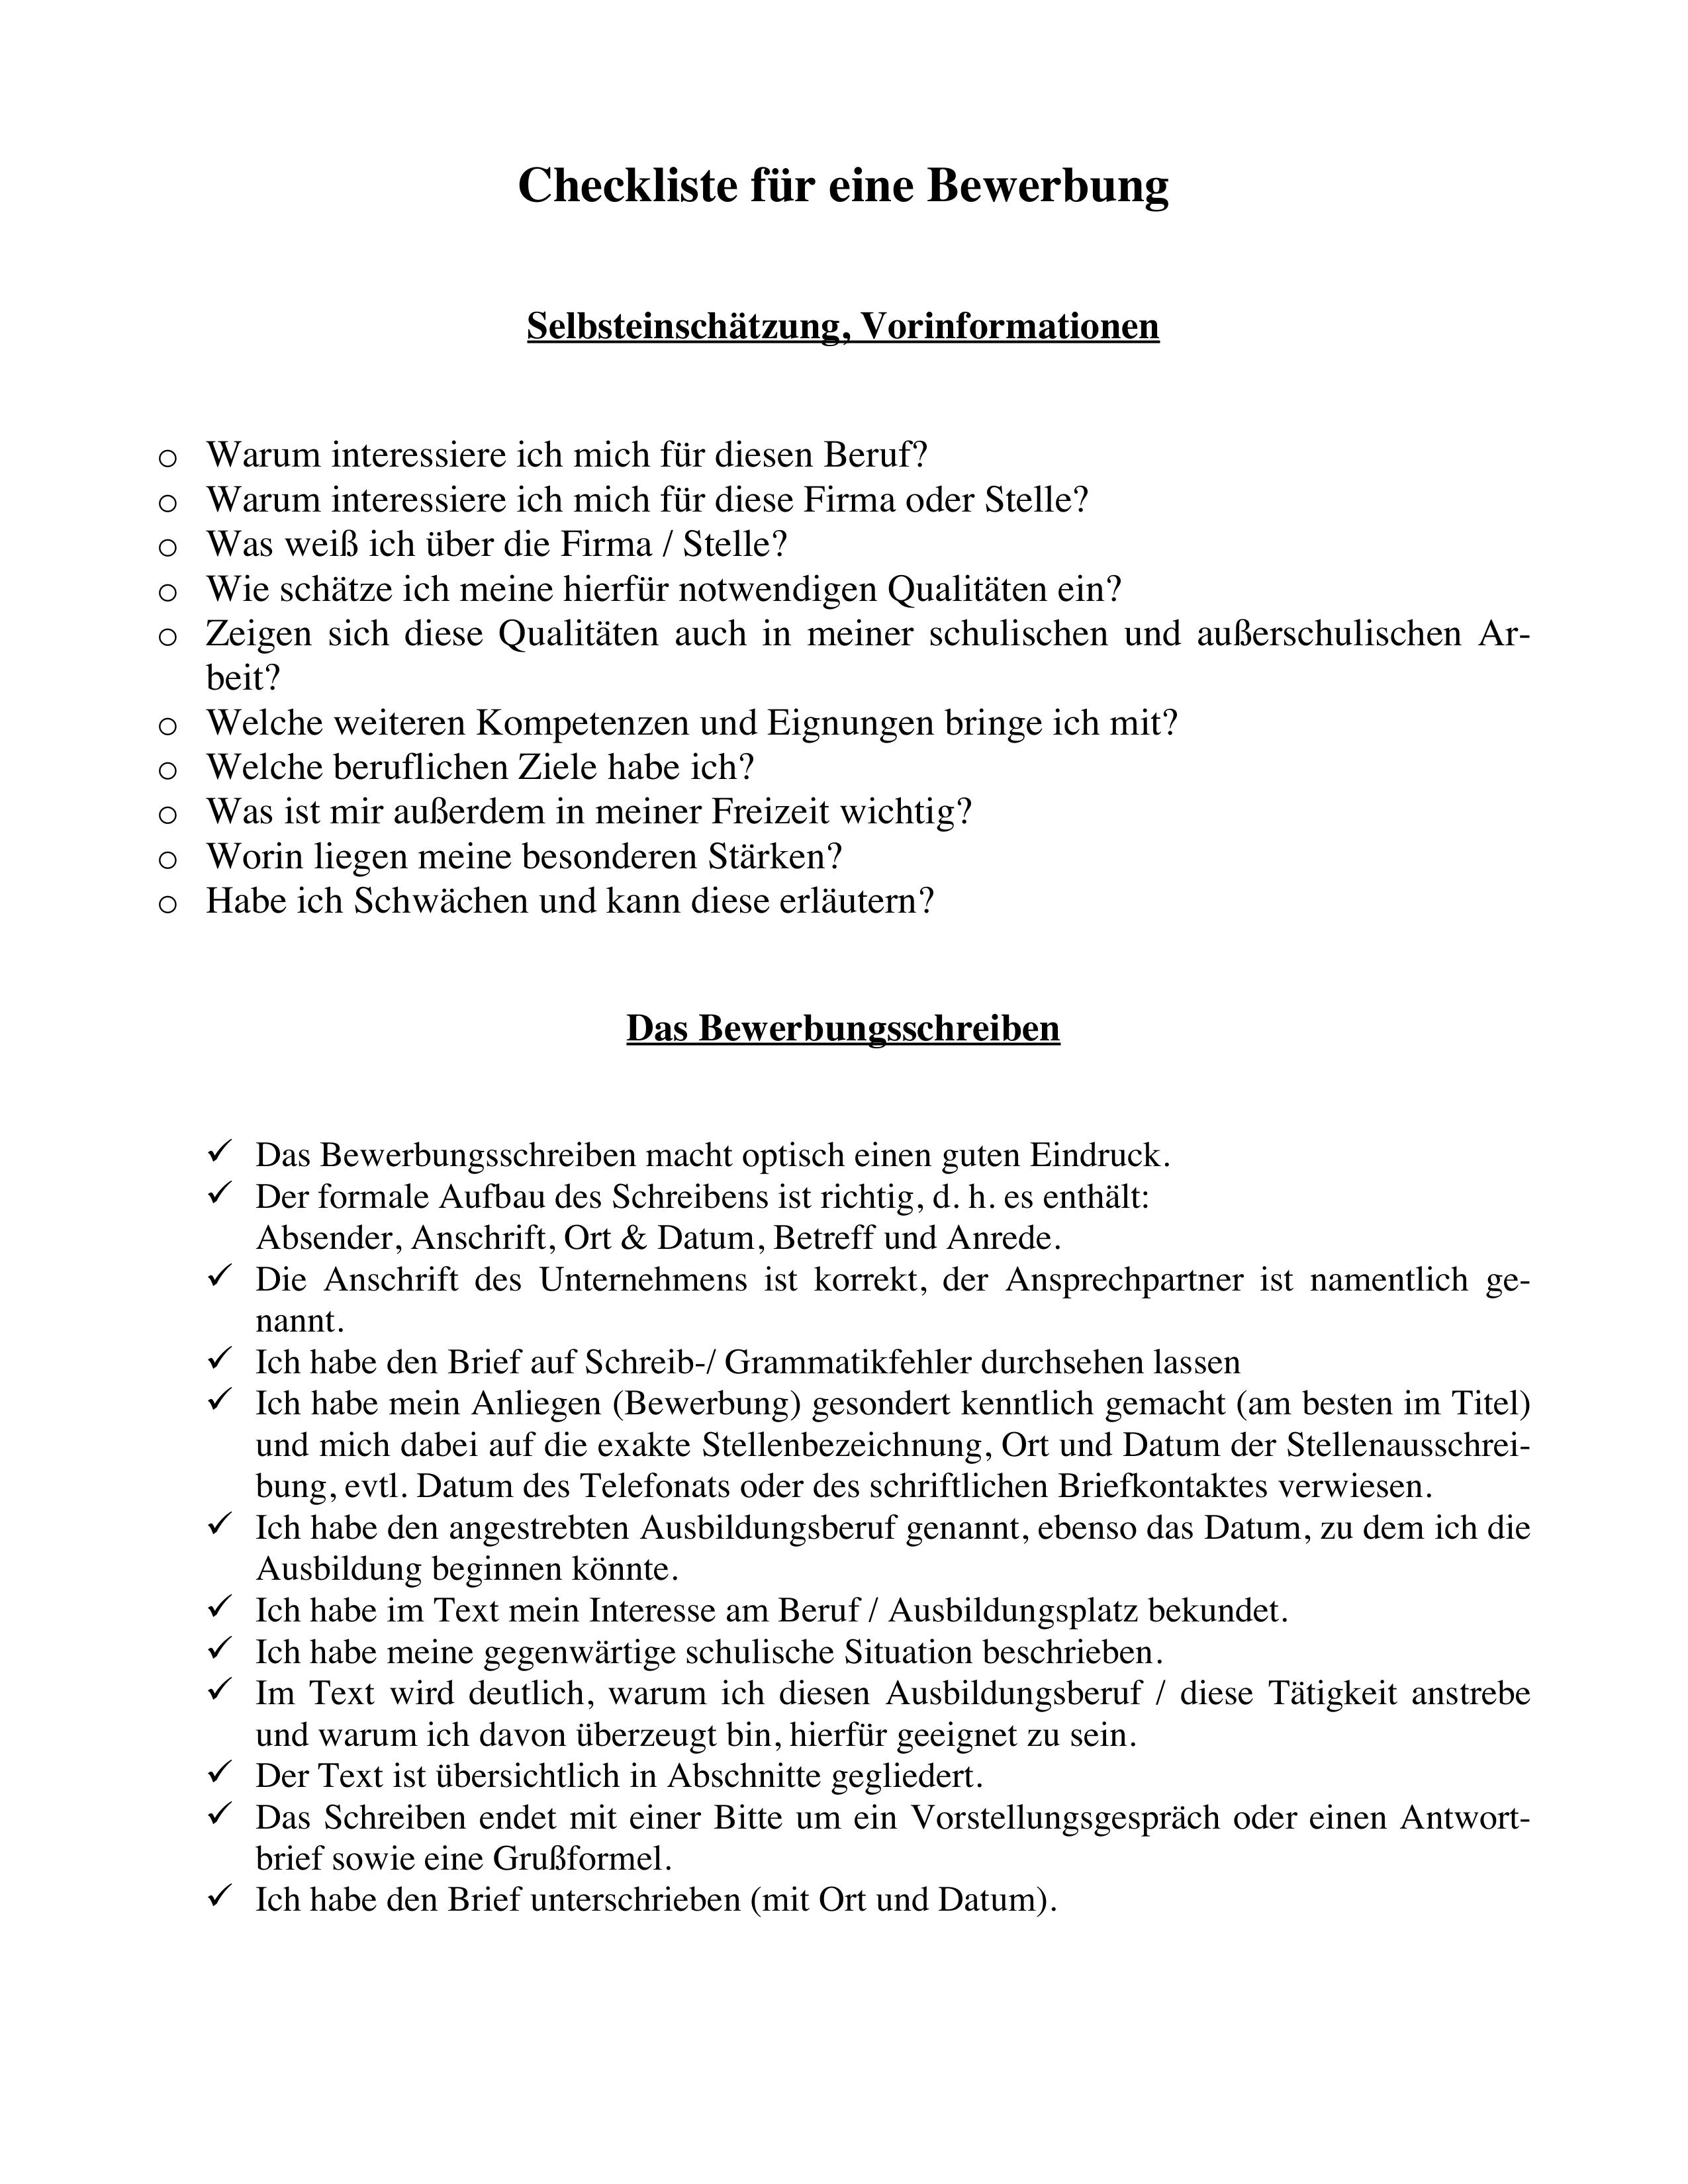 Checkliste Zum Schreiben Einer Bewerbung Bewerbungsmappe Unterrichtsmaterial In Den Fachern Arbeitslehre Deutsch Bewerbung Bewerbung Schreiben Lernen Tipps Schule